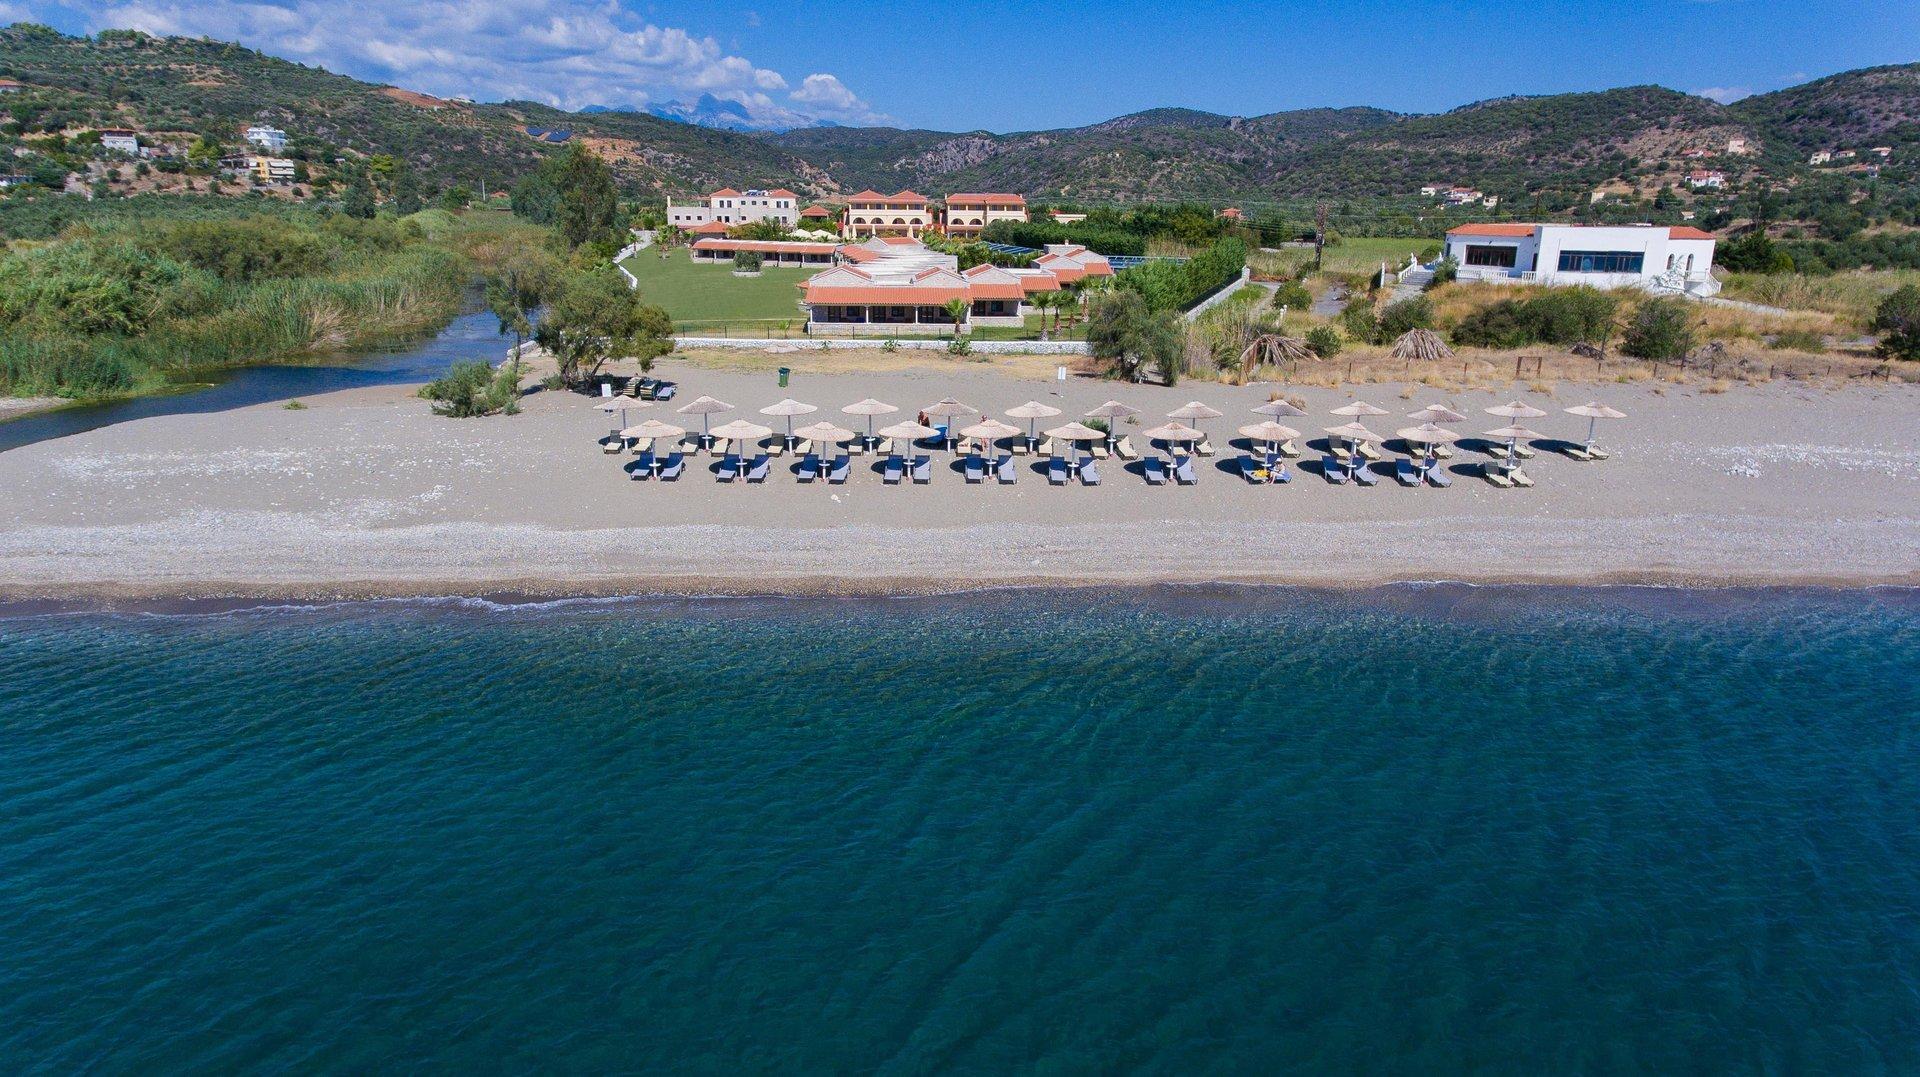 Hotel Aktaion Resort - Gytheio